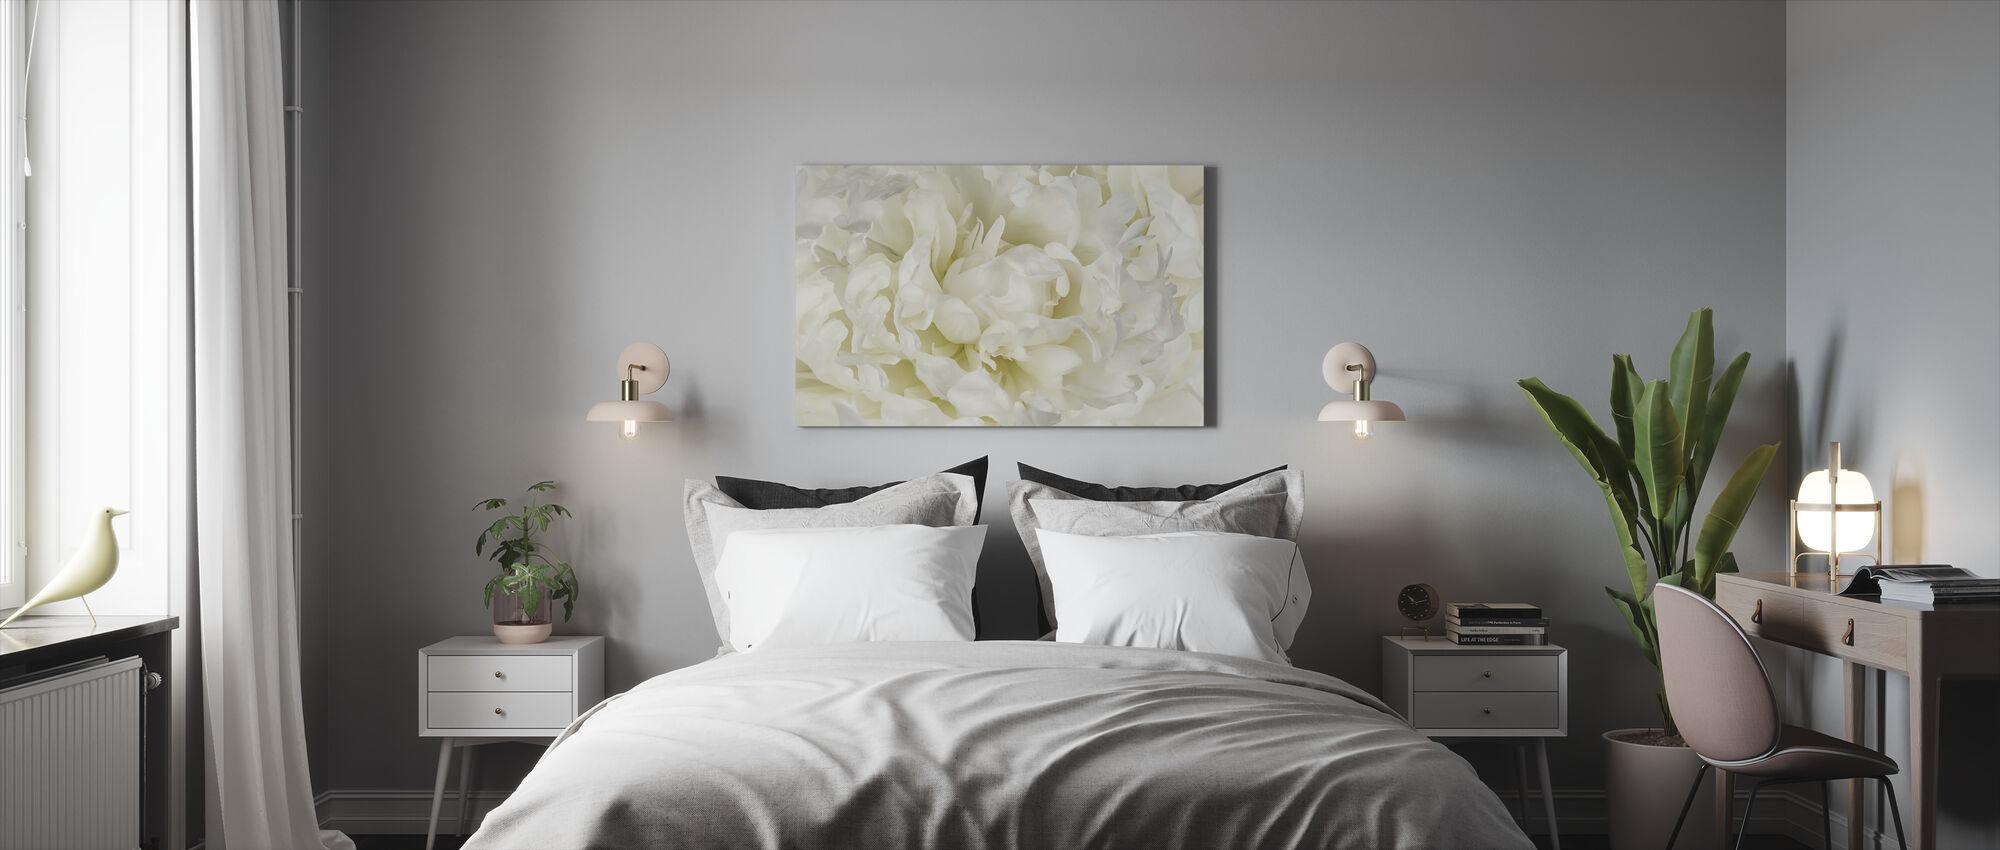 Norsunluu valkoinen pioni - Canvastaulu - Makuuhuone